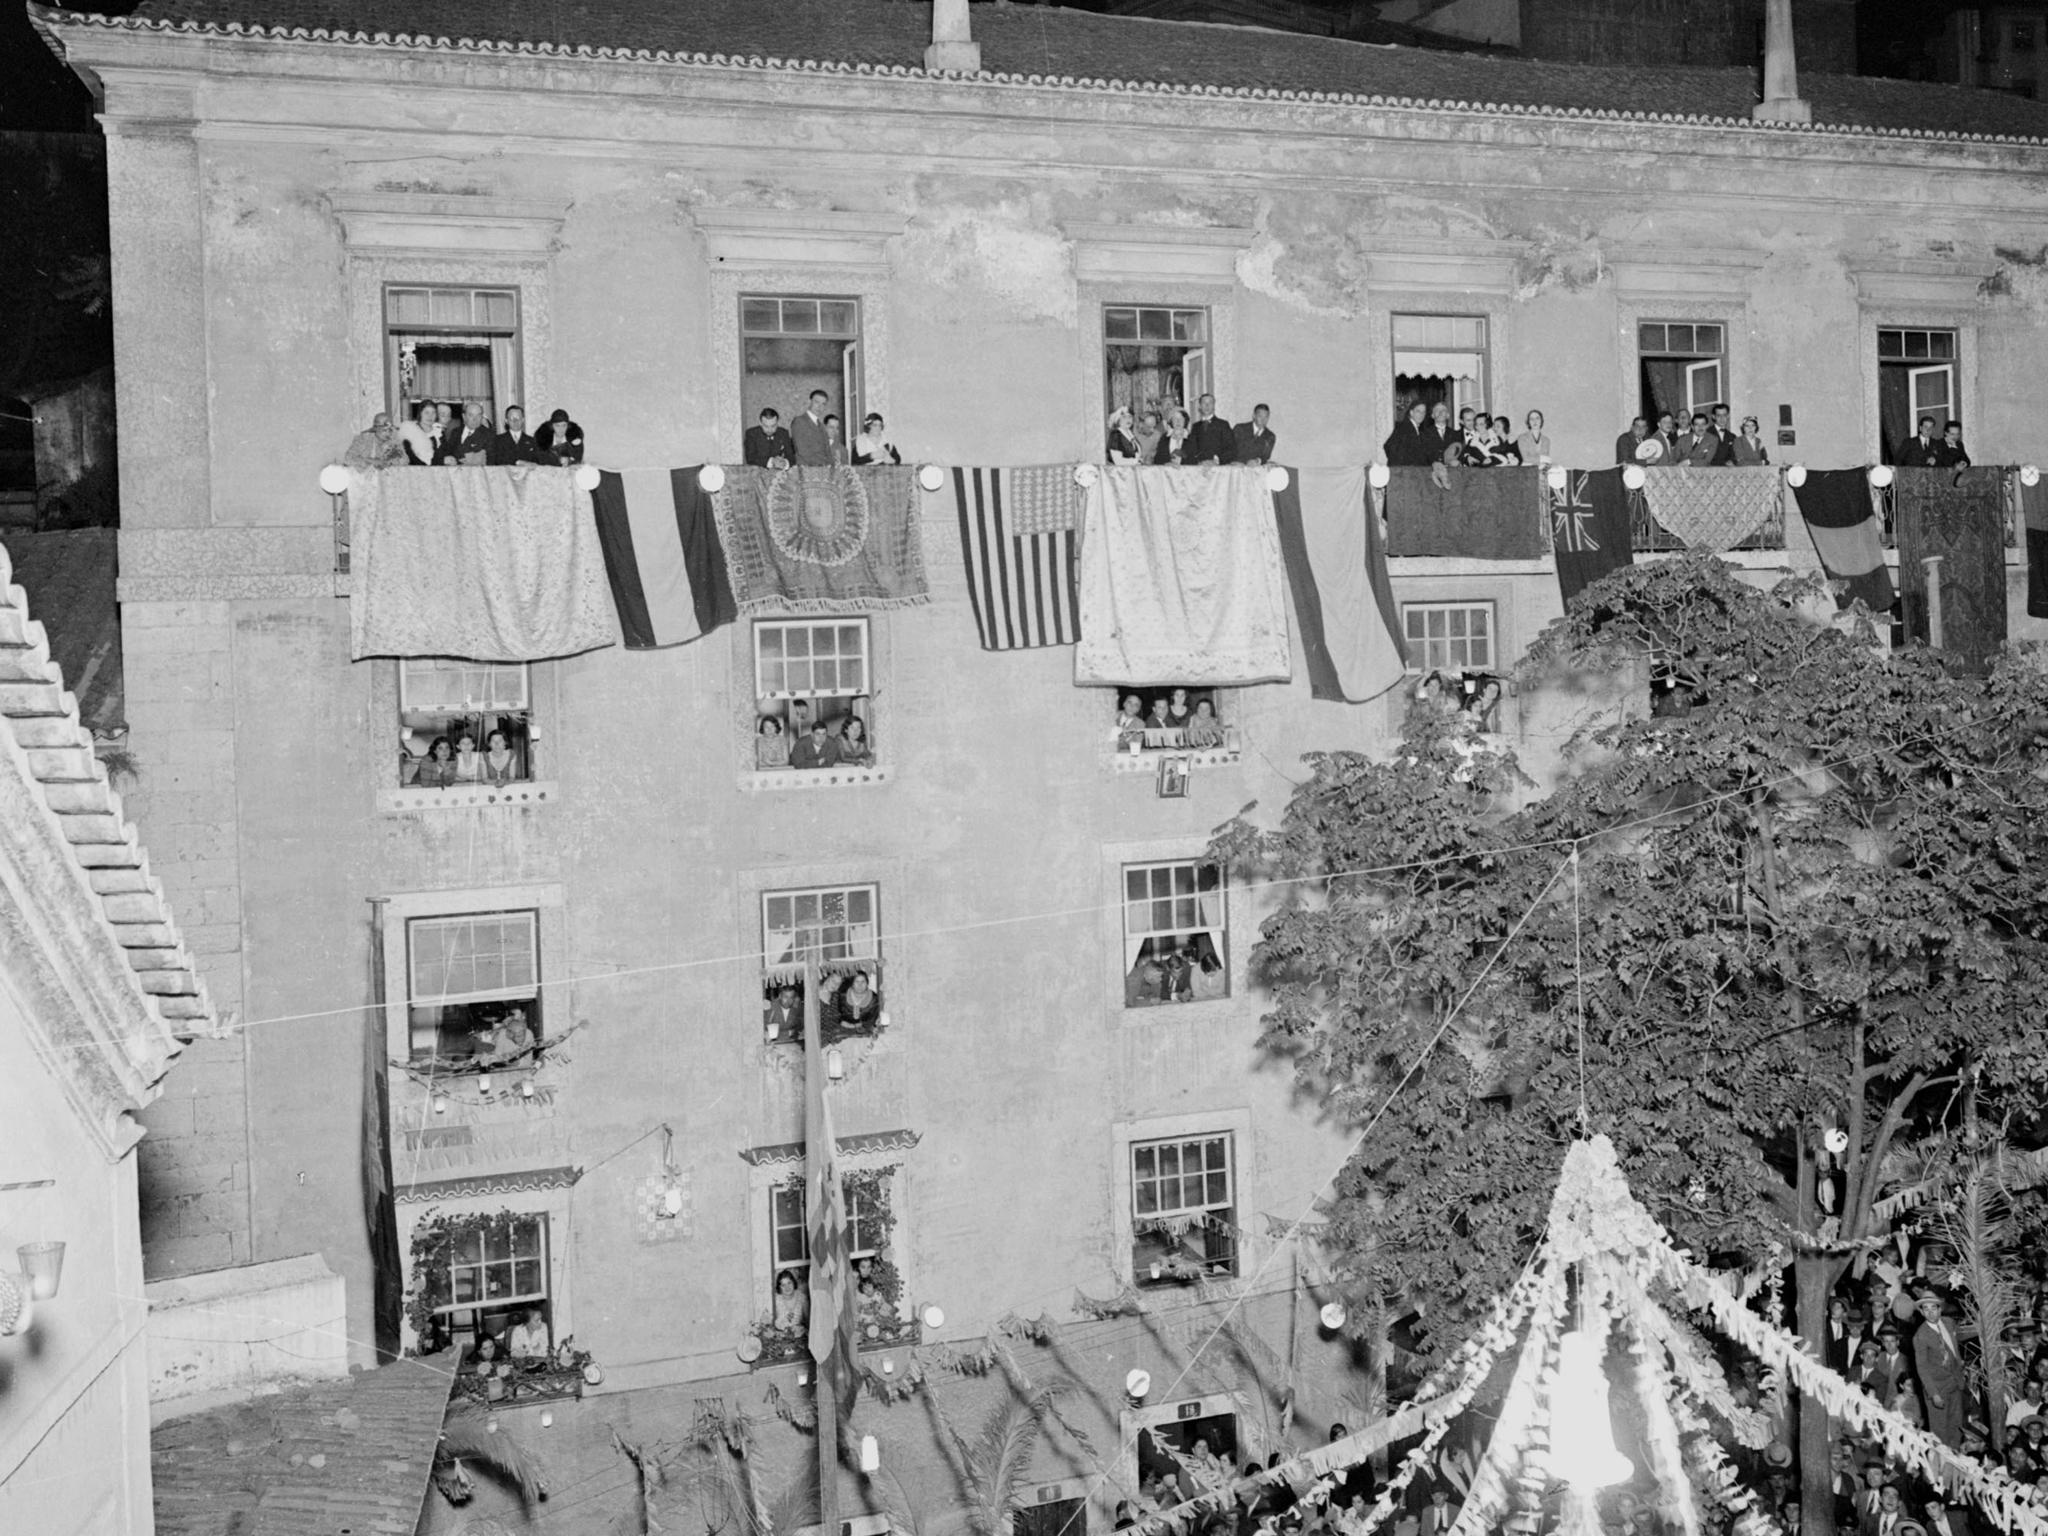 Promoção turística de Portugal, festa dos Santos Populares em Alfama, entre 1930-39